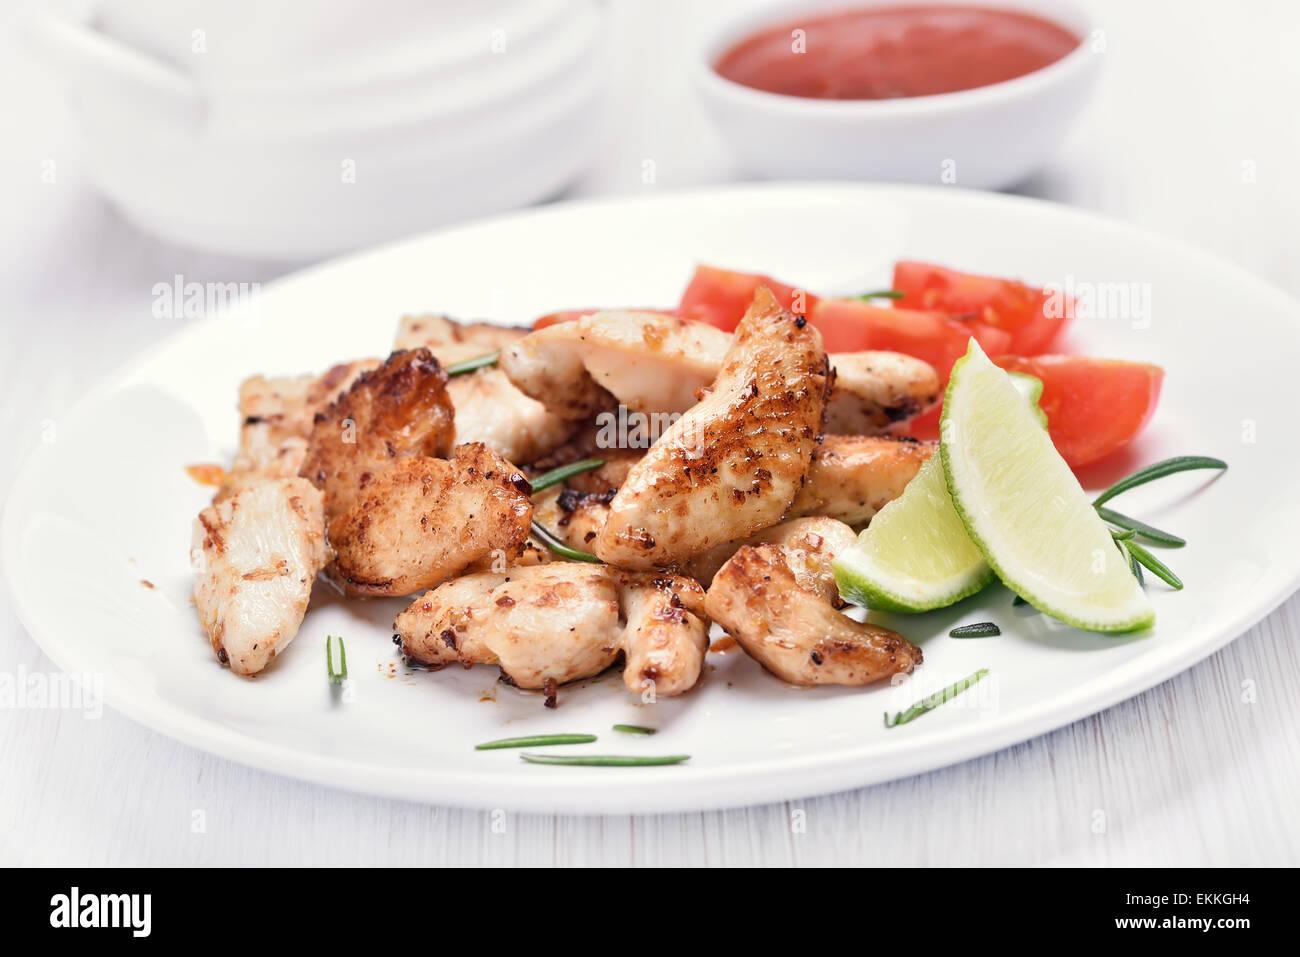 Poulet cuit viandes tranchées avec des légumes sur plaque blanche, faible profondeur de champ Photo Stock